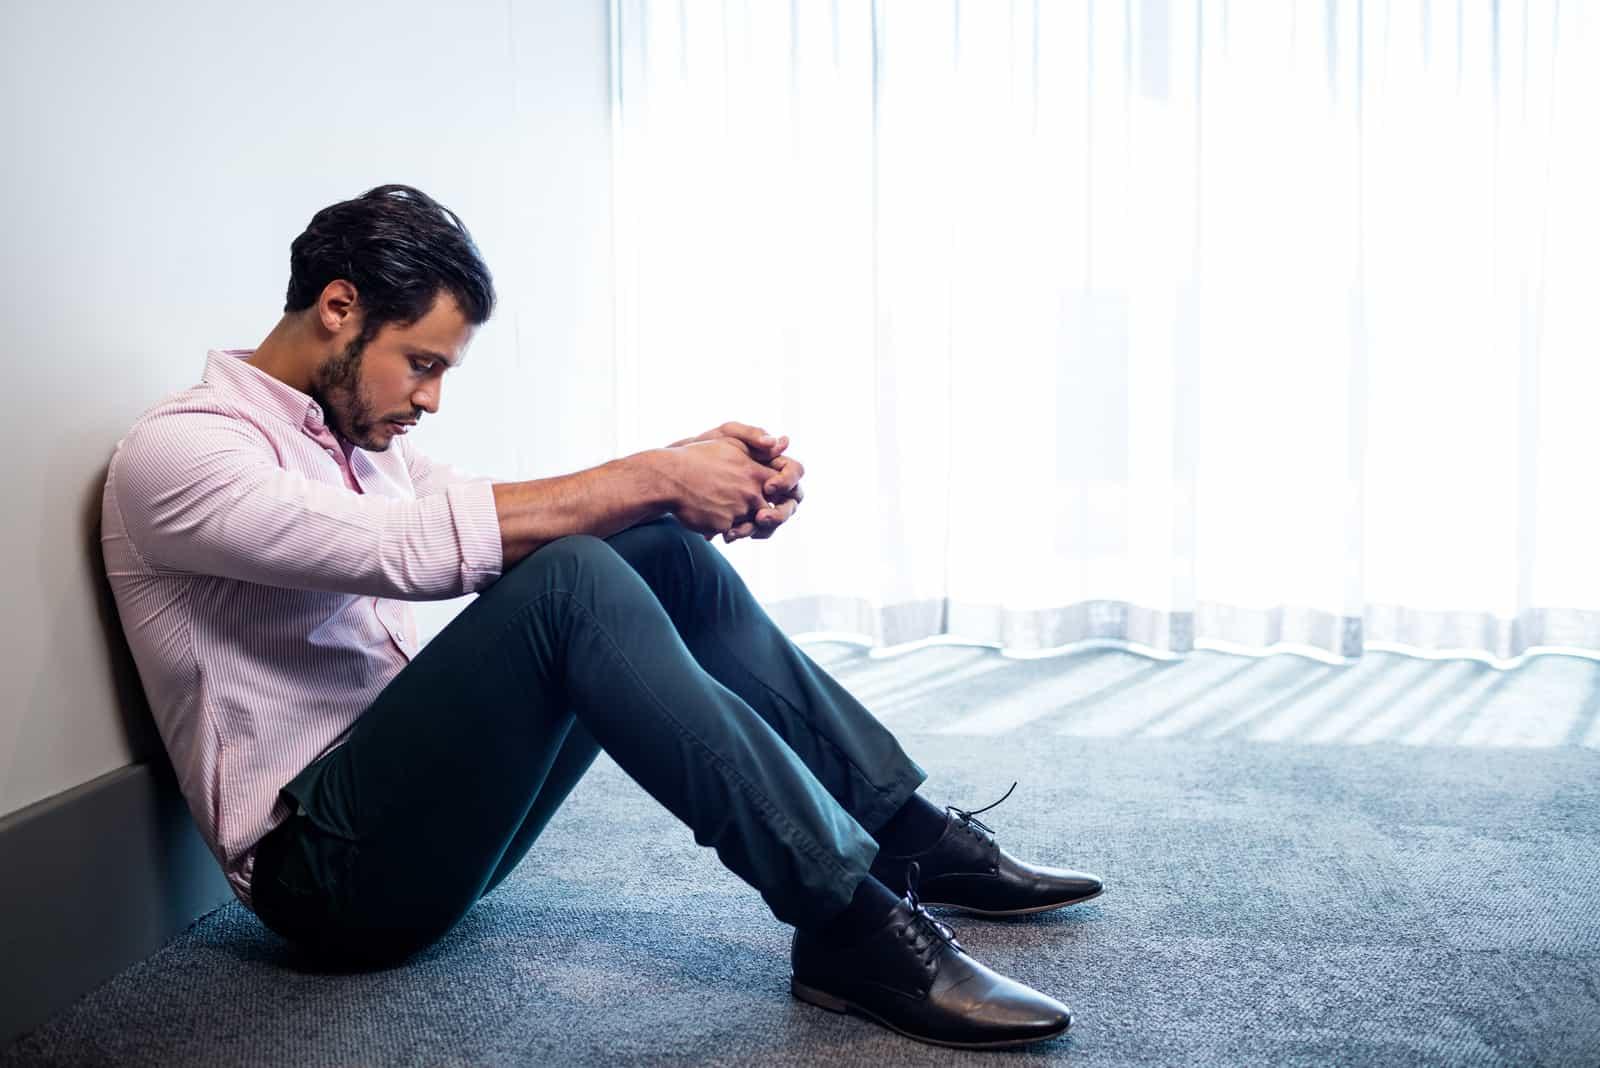 un homme déçu est assis par terre